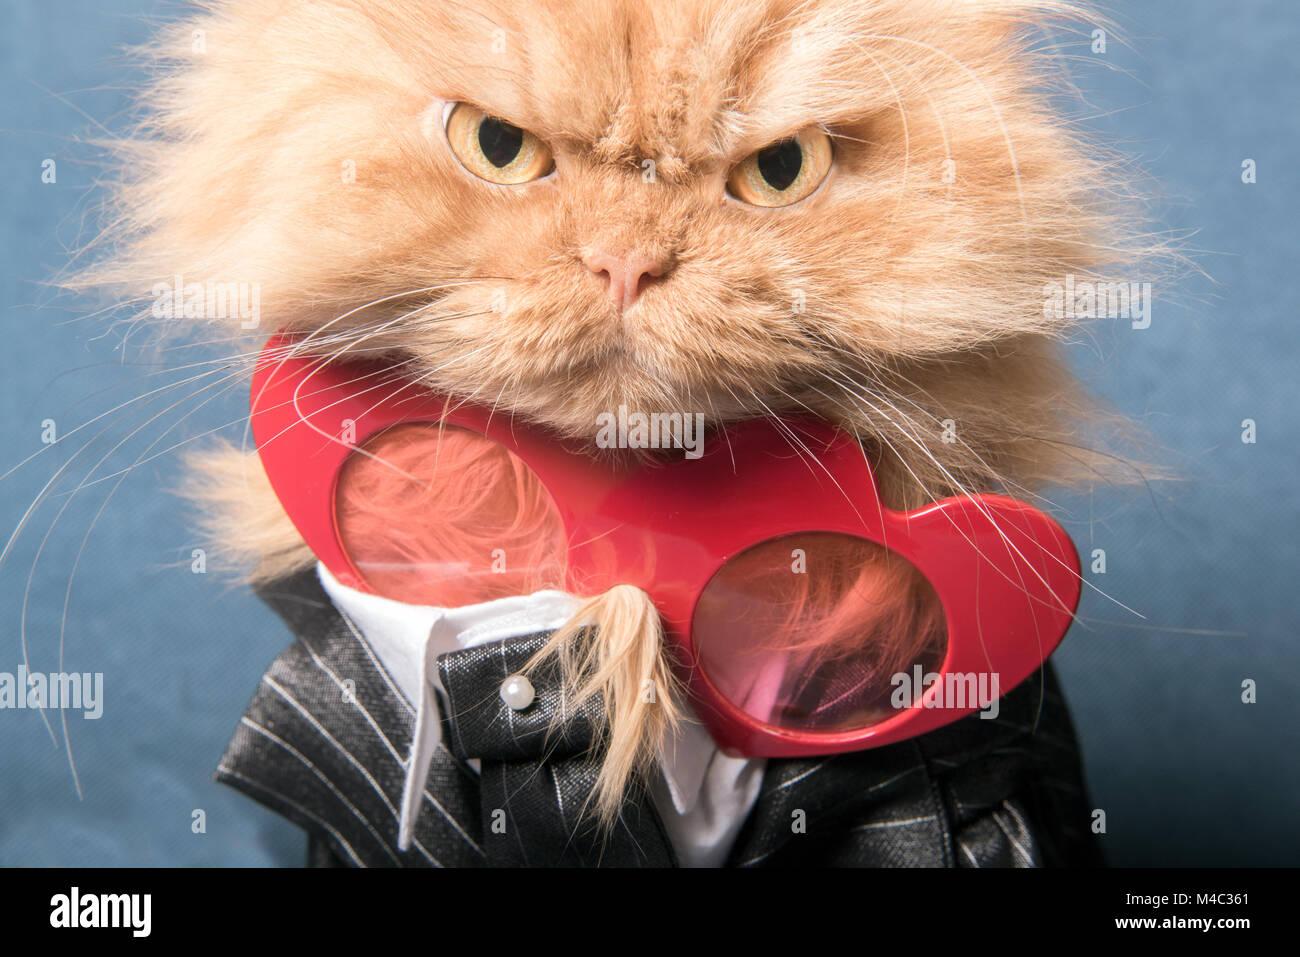 Portrait de chat Persan orange avec des lunettes en forme de coeur Photo Stock